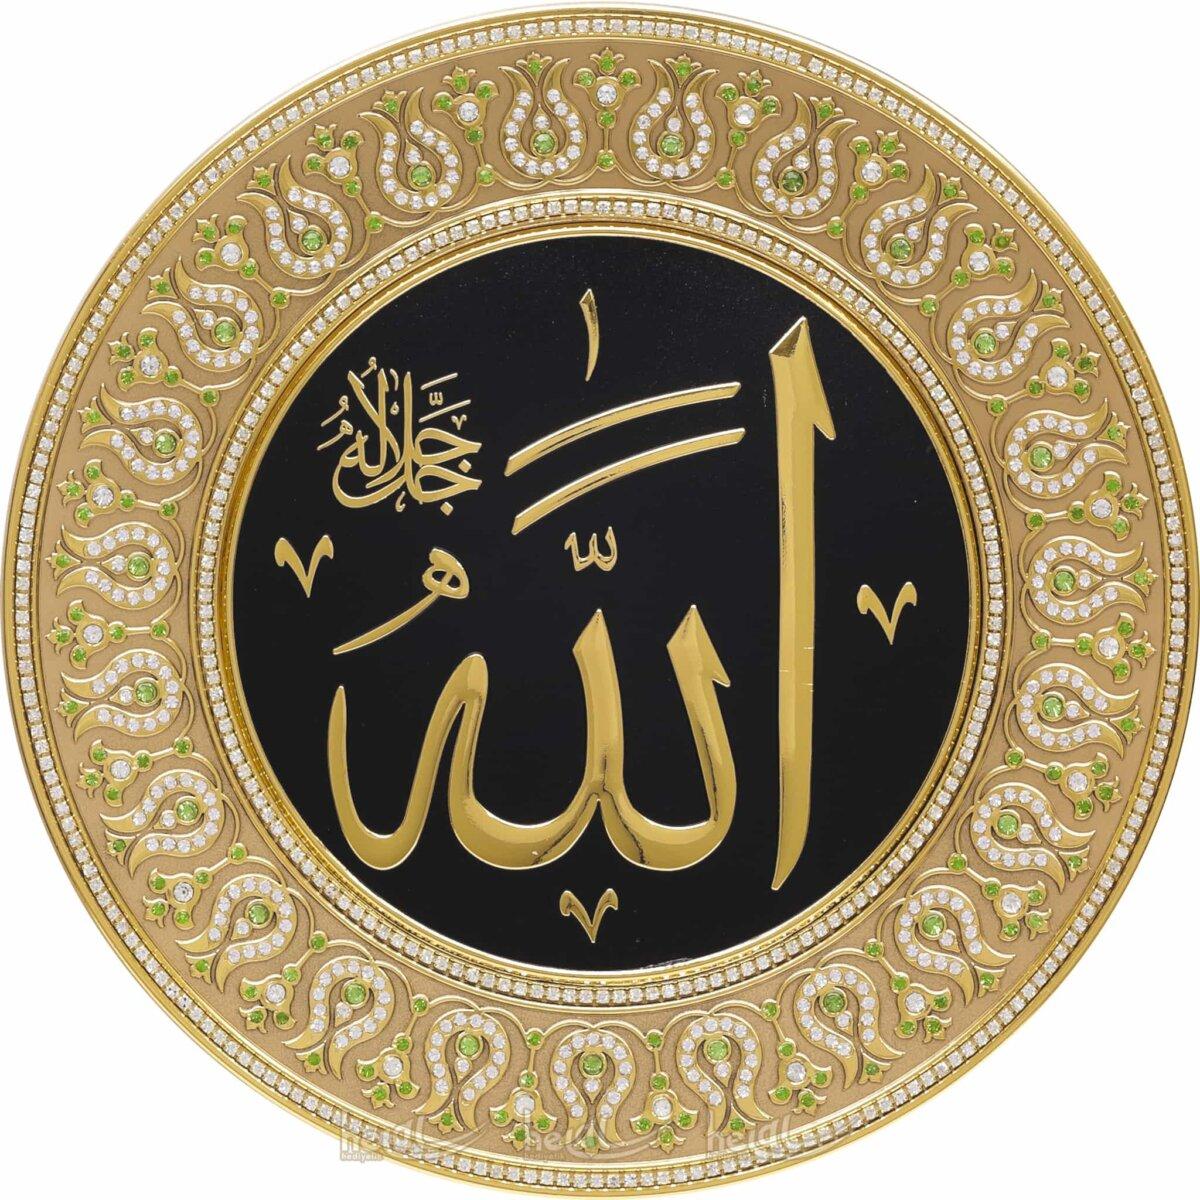 33cm Kristal Az Taşlı İsmi Celil Allah cc. Lafzı Yazılı Tabak Masa Üstü ve Duvar Süsü Ayetli Ürünler